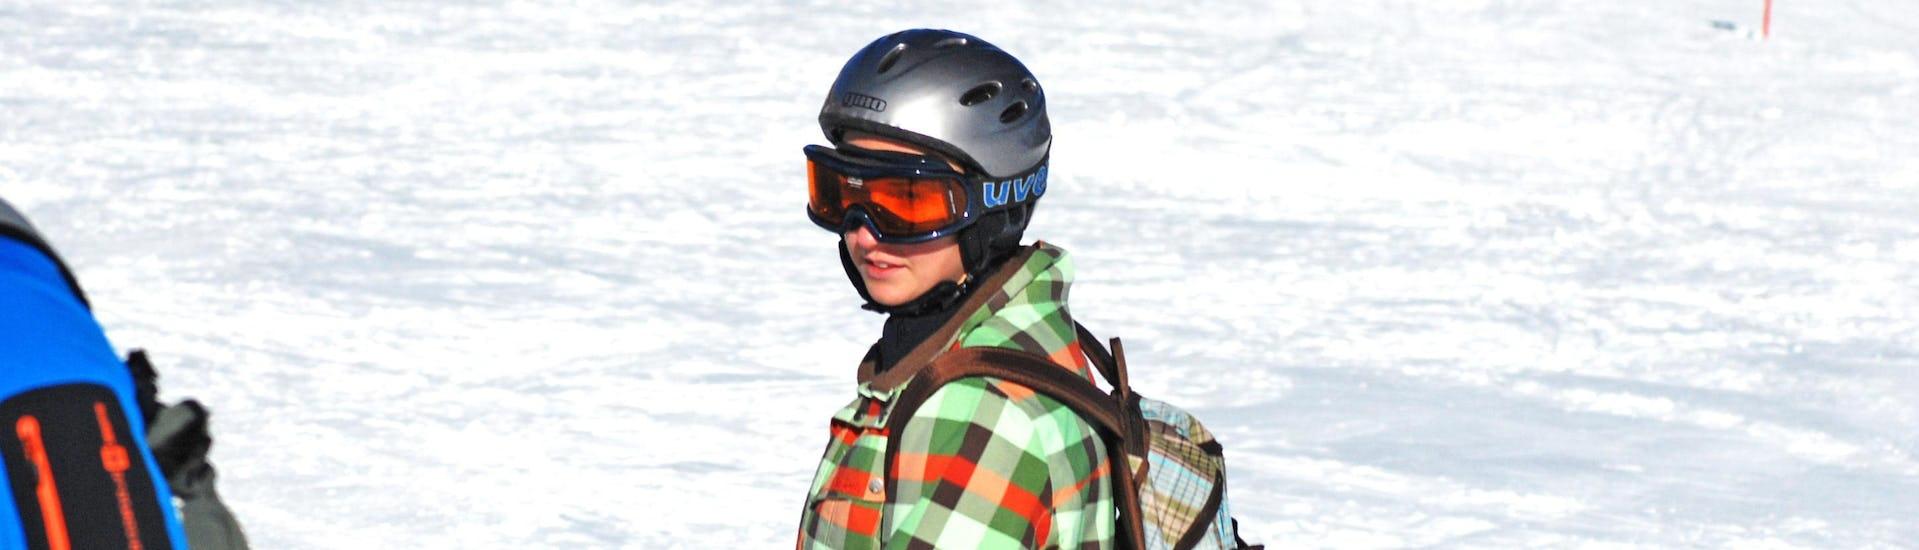 Skilessen voor volwassenen - Gevorderden